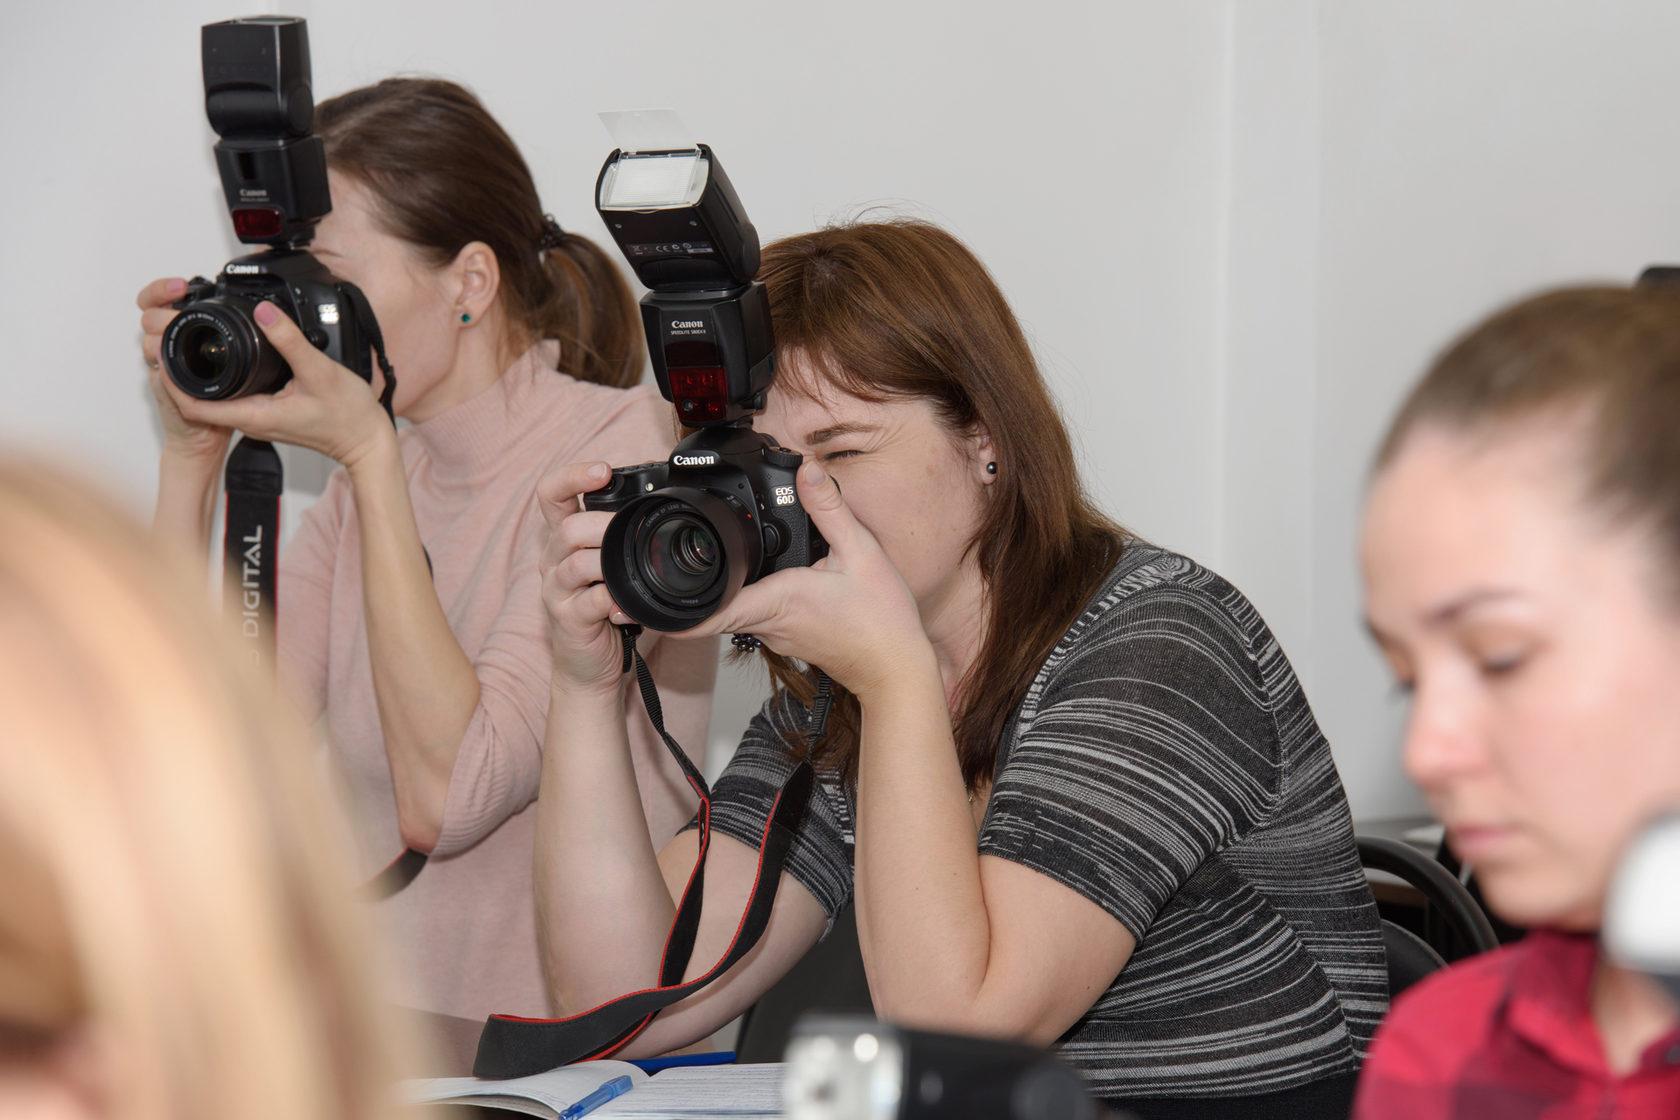 таком благоустроенном курсы фотографии для начинающих спб в приморском девочкам наверняка будет